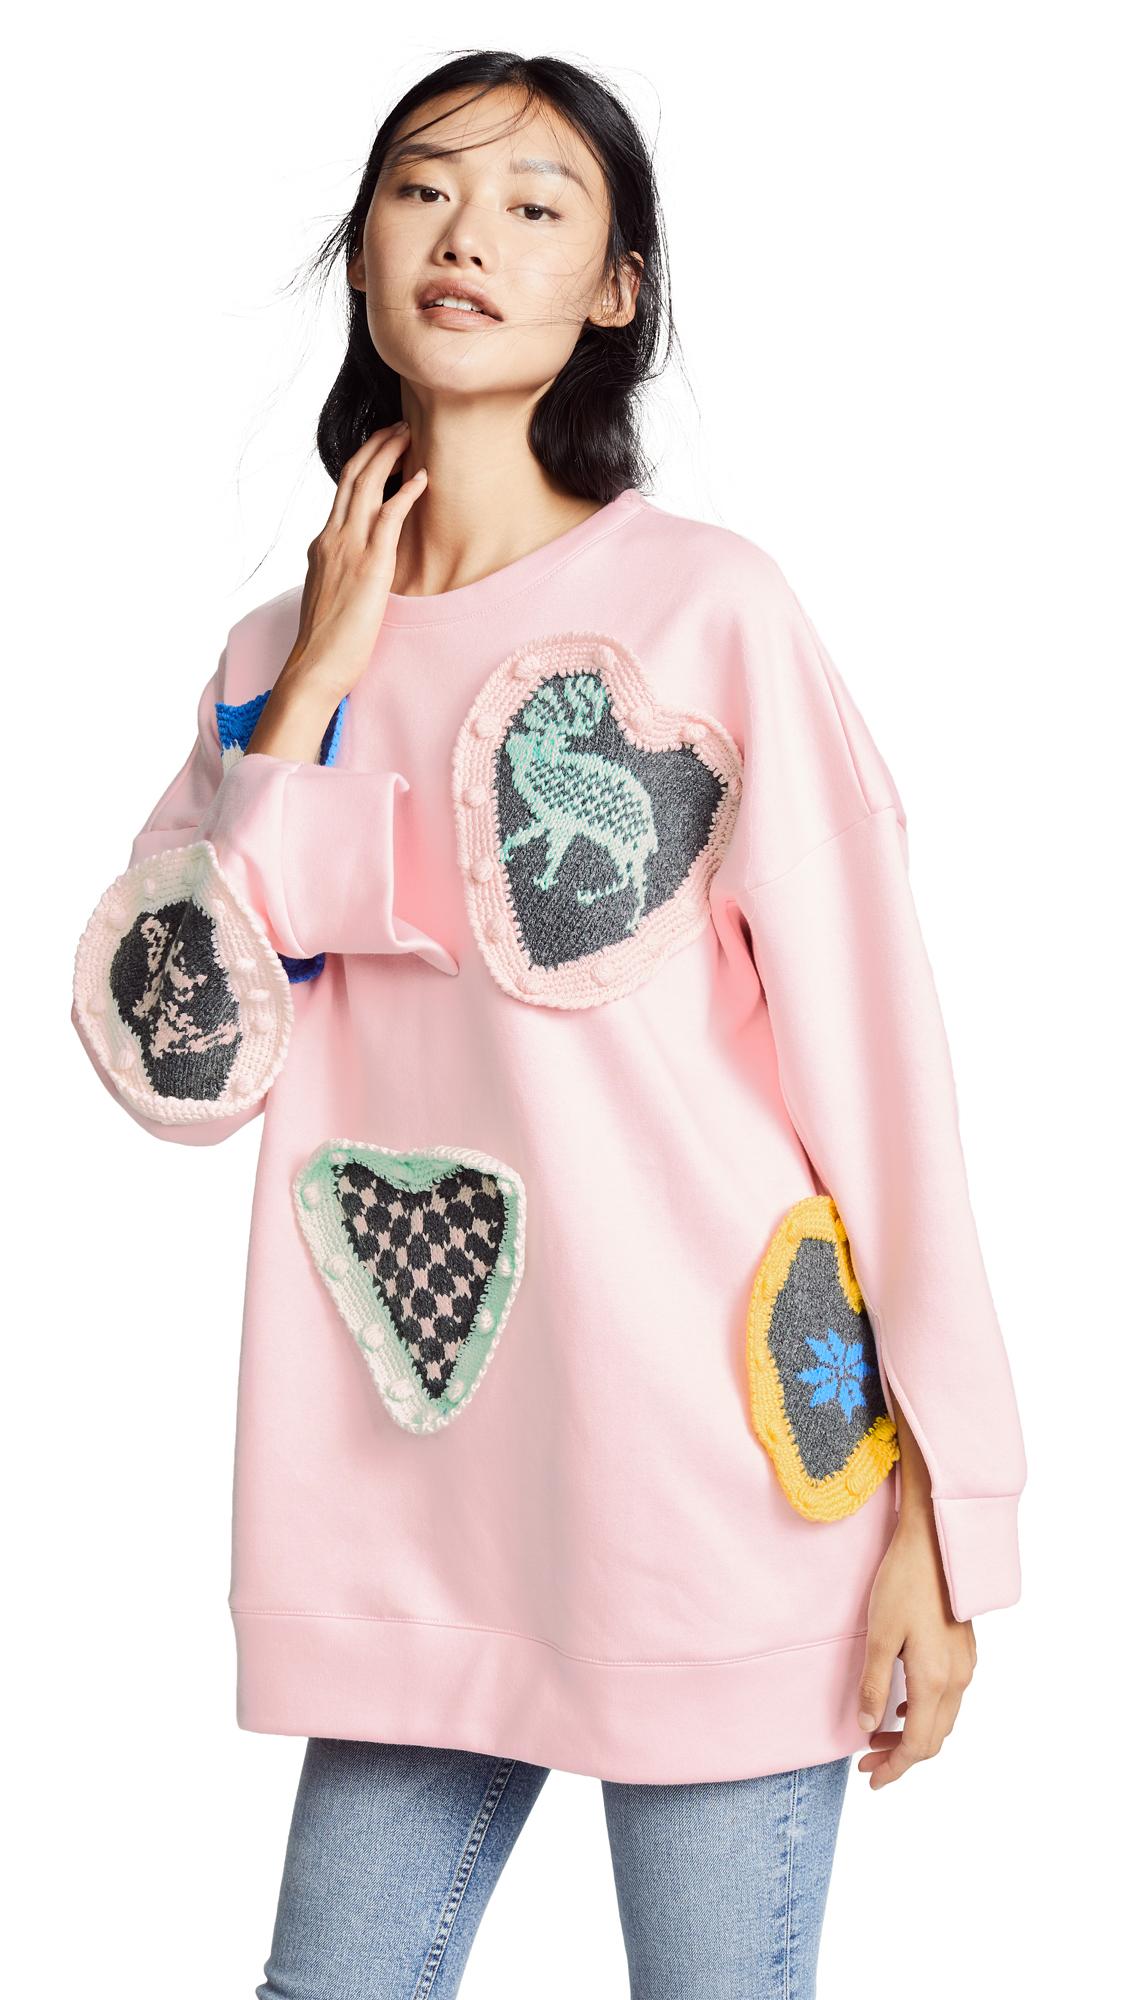 Michaela Buerger Scandanavian Love Sweatshirt In Light Pink